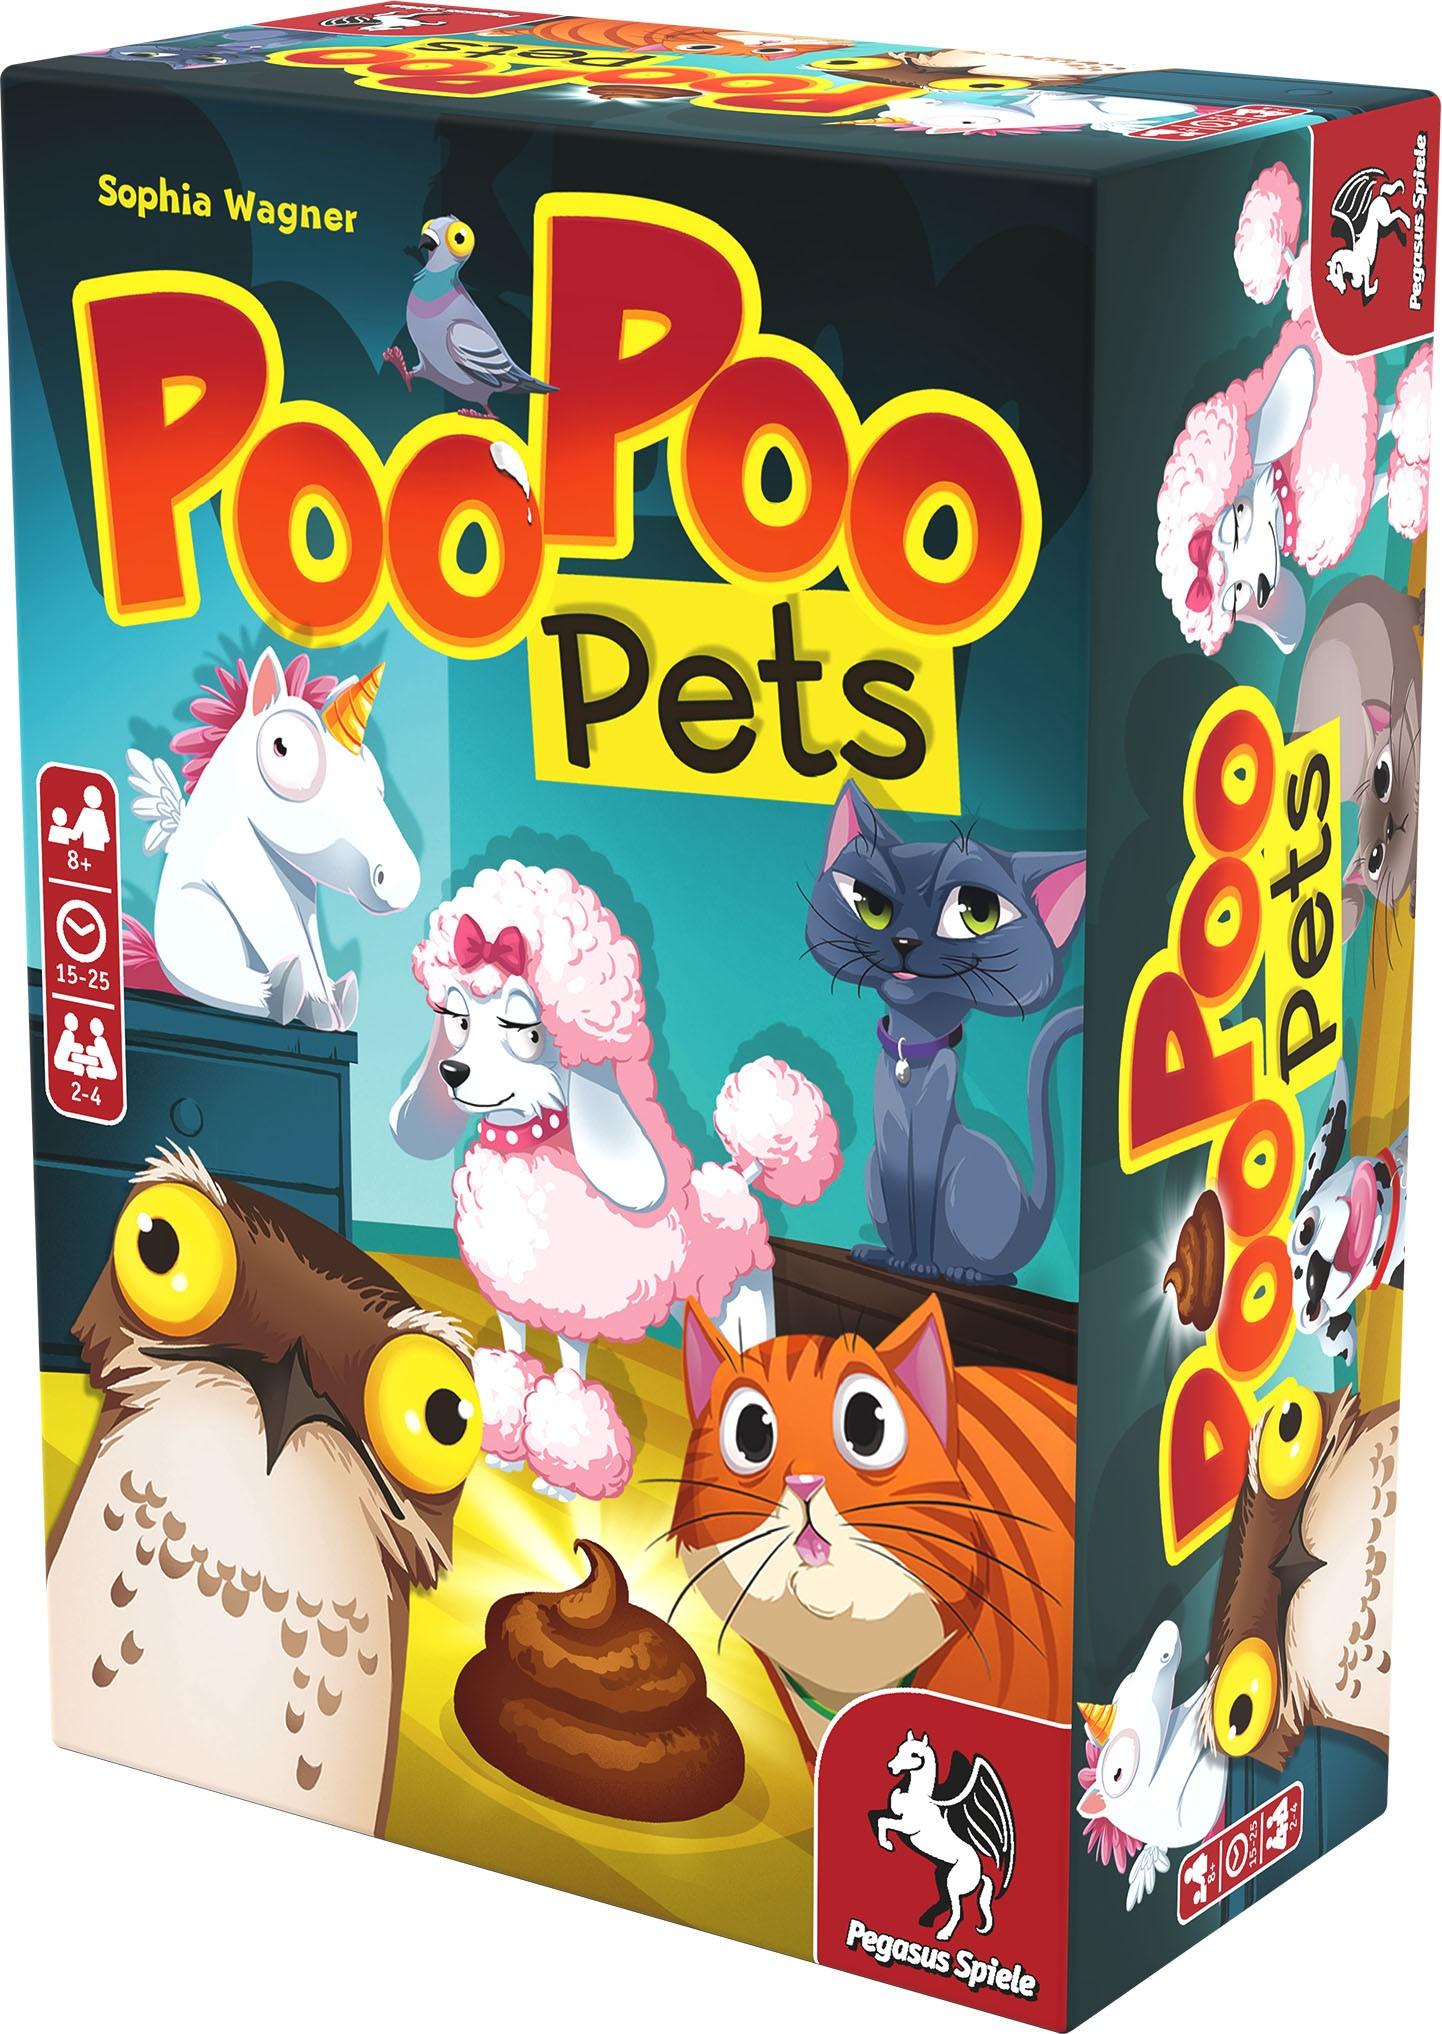 Poo Poo Pets Bild